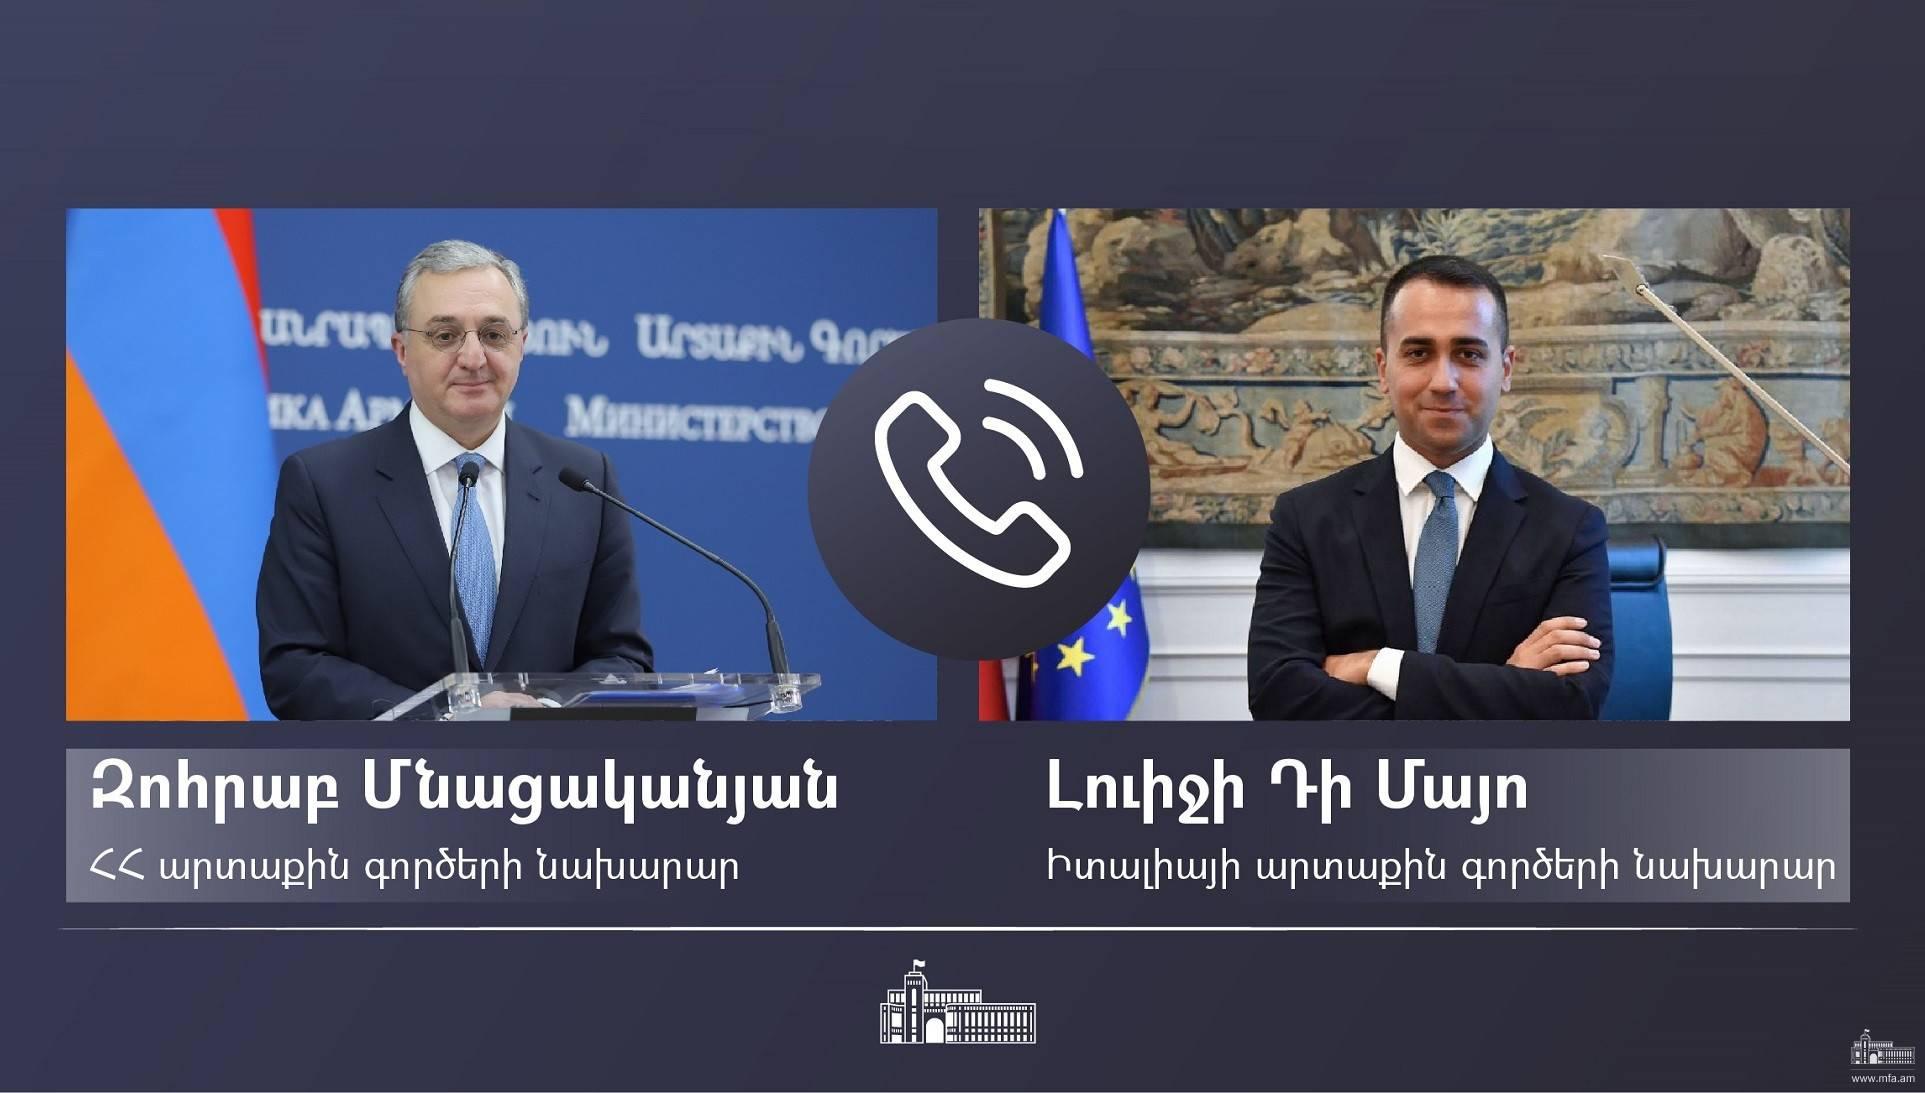 Entretien téléphonique entre le ministre des Affaires étrangères d'Arménie et son homologue italien